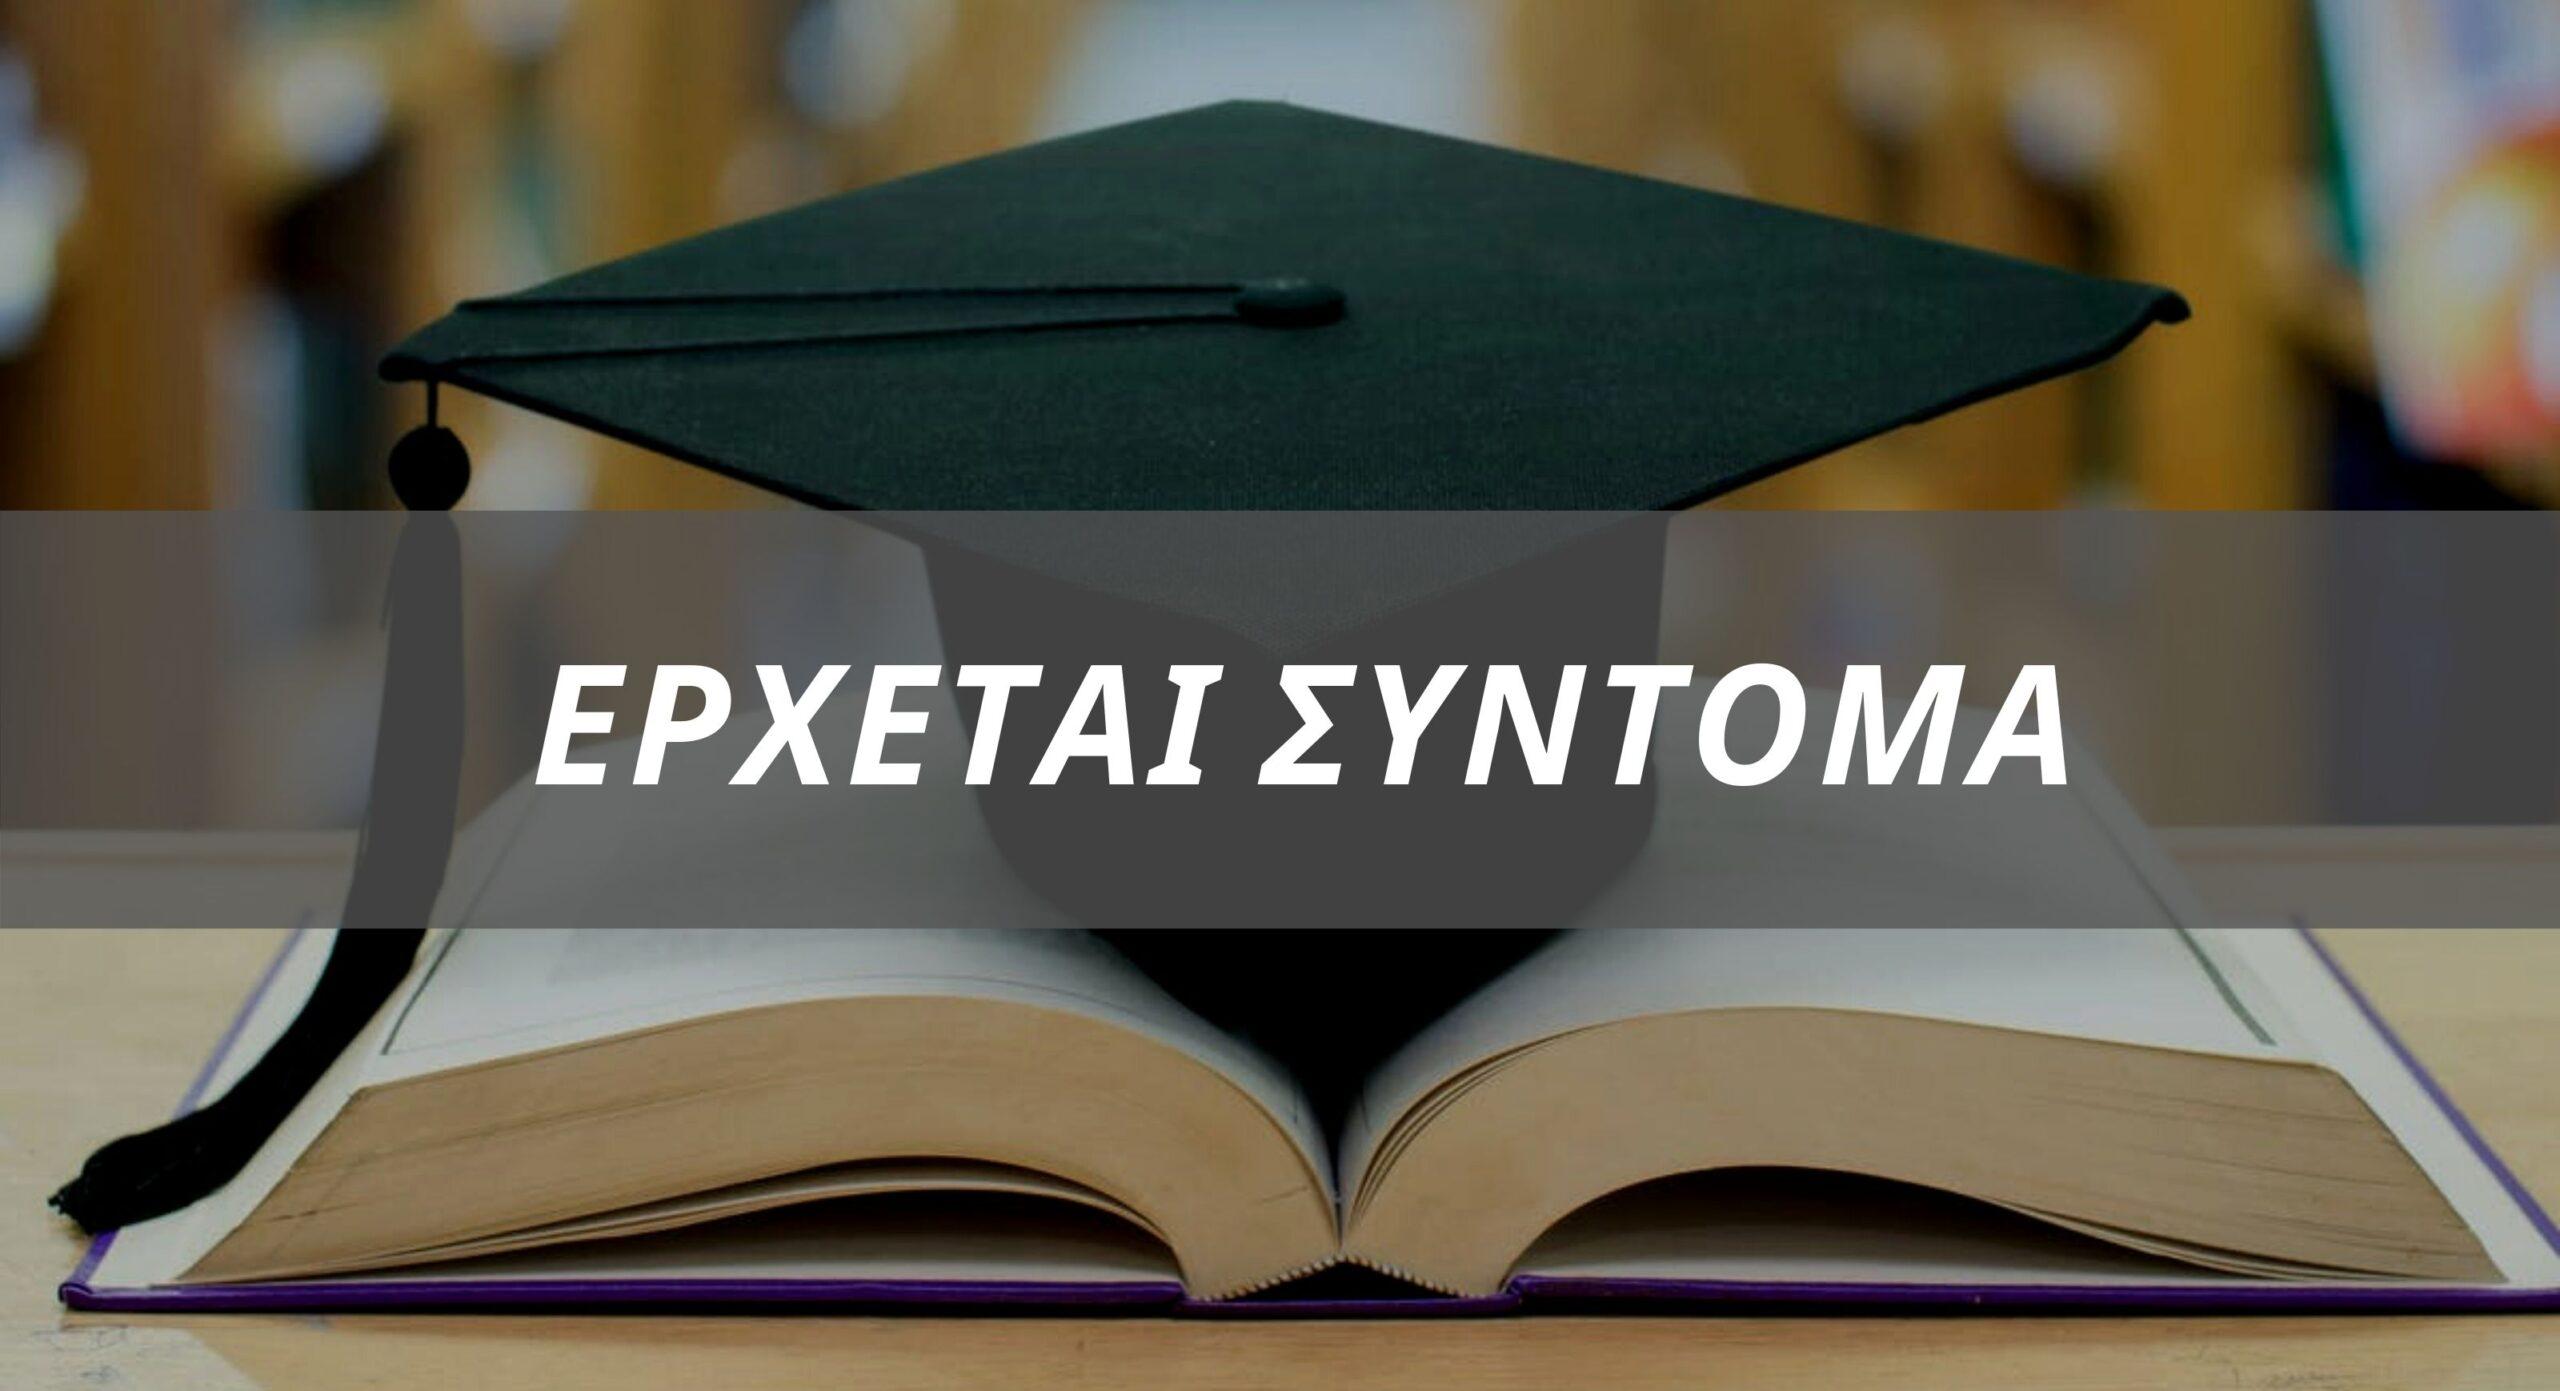 Έρχεραι σύντομα, Ακαδημαϊκά Μαθήματα